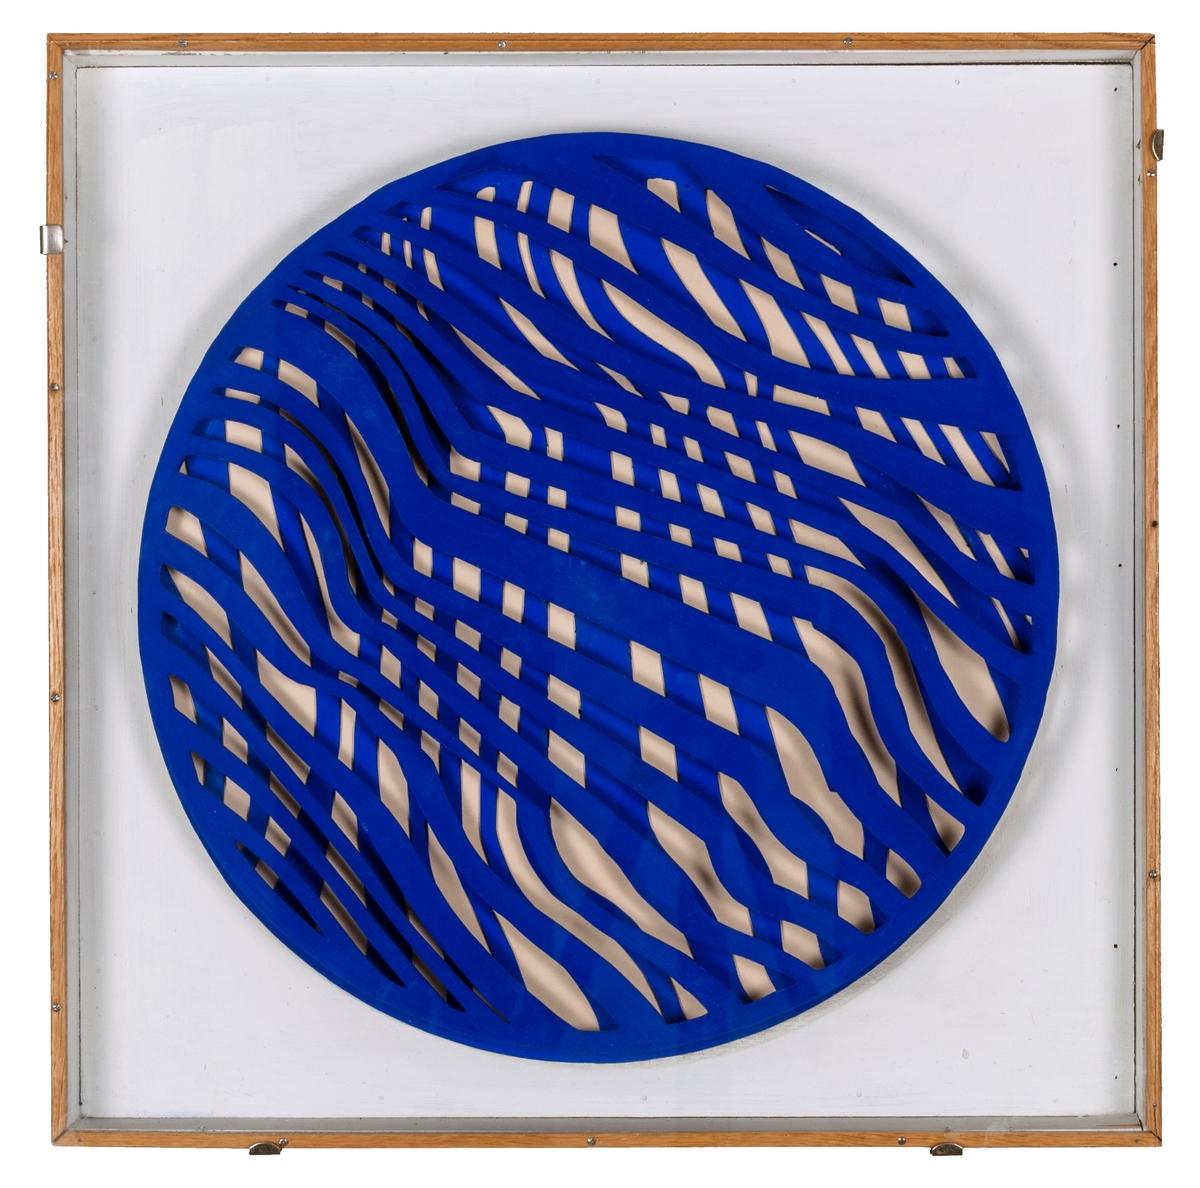 """""""Blå rotorelief"""" av Per Olof Ultvedt. I en fyrkantig glasförsedd låda två runda pappskivor i blått med utstansat zig-zagformat mönster. Baktill en motor som roterar den främre av de två pappskivorna. Ursprungligen var lådan inte försedd med glas, utan detta har tillkommit senare, oklart när. Troligen för att skydda den från att vidröras och förstöras. Fr o m nyhängningen som öppnar den 21 oktober 2017 kommer den att visas utan glas, och hängas högt så att den inte kan vidröras av publiken."""